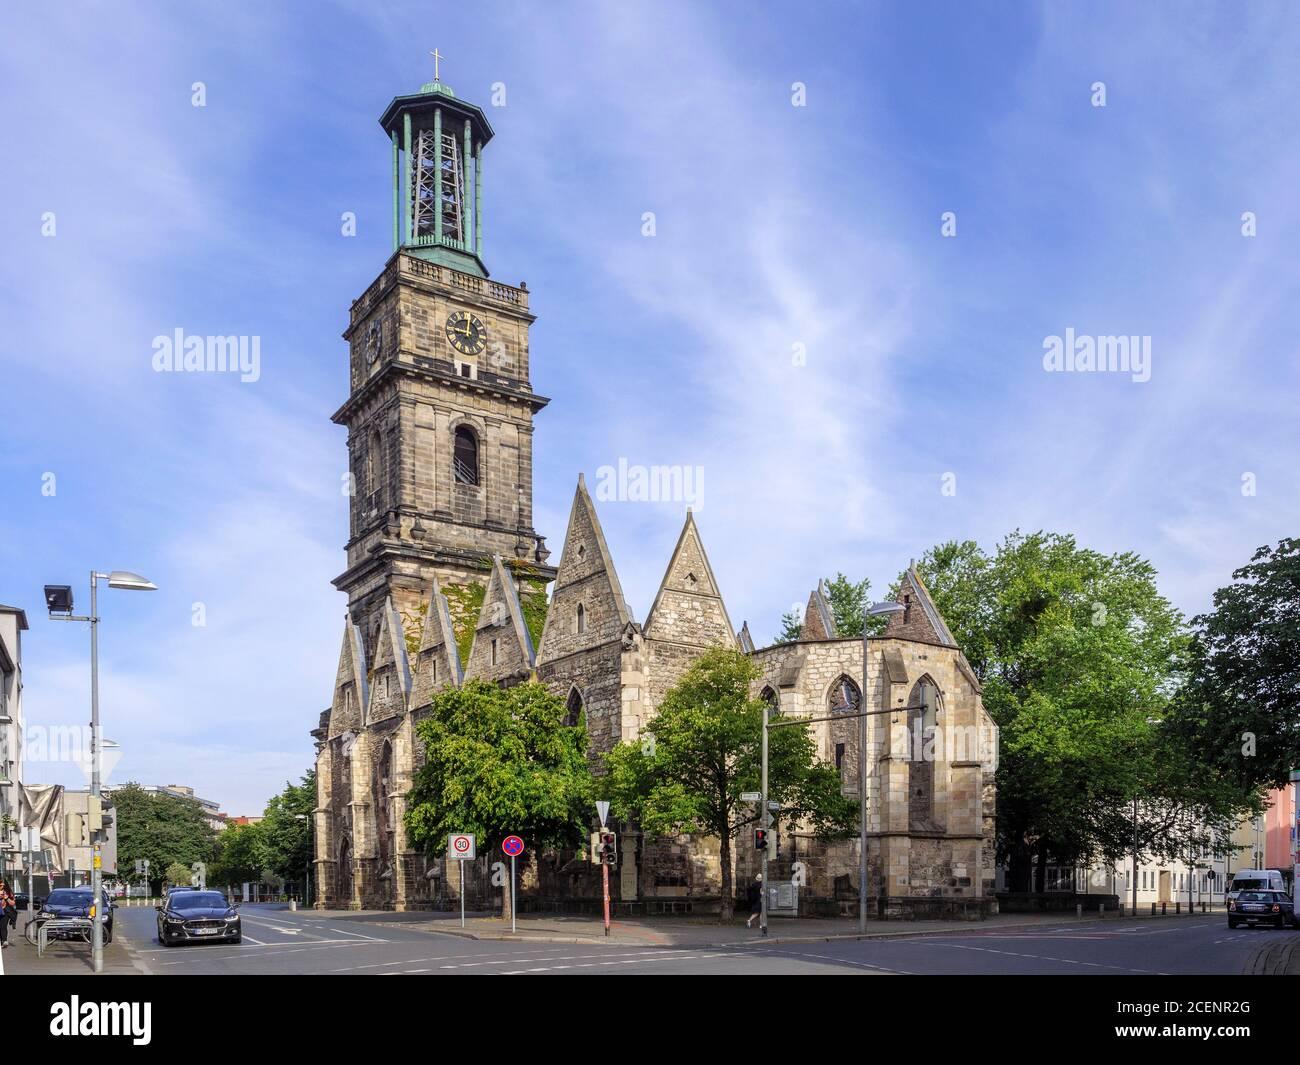 Ruine der Aegidienkirche - Kriegsdenkmal - à Hanovre, Niedersachsen, Deutschland, Europa Ruins of Aegidien Croch. Mémorial de guerre à Hanovre, Basse Sax Banque D'Images